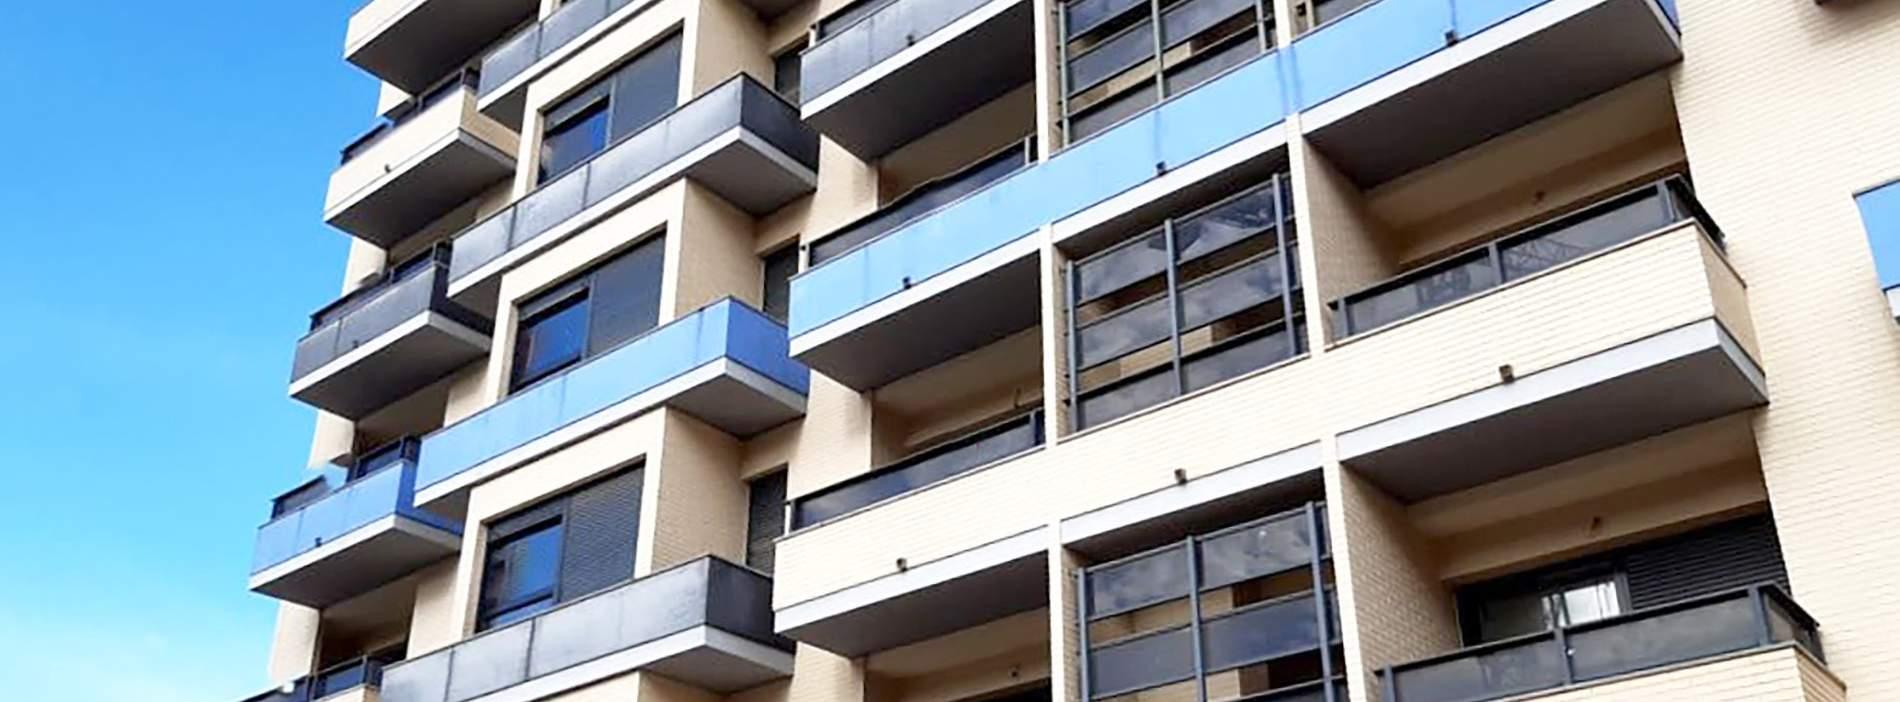 Viviendas nuevas de reciente construcción a la venta en Xàtiva, Valencia.